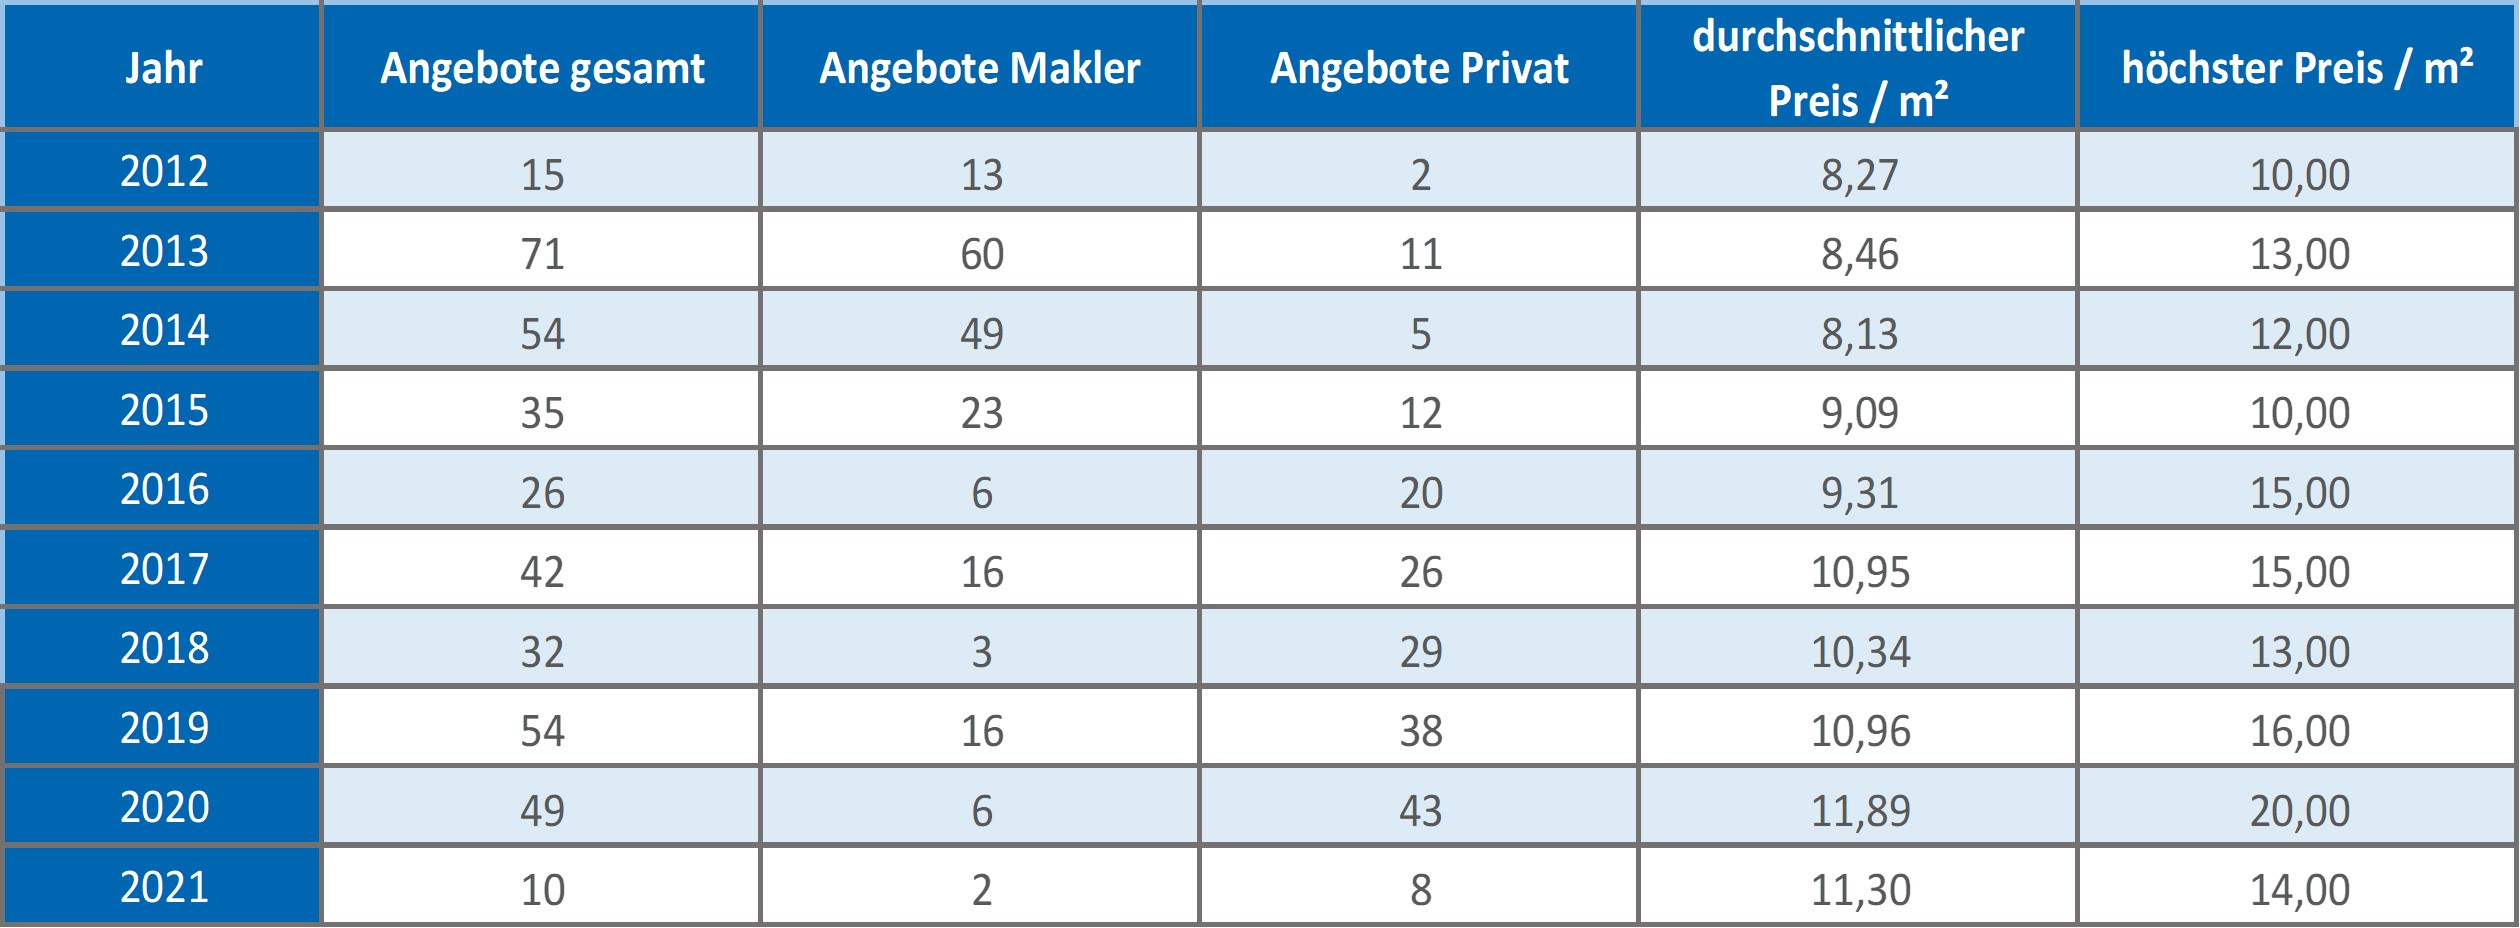 Waakirchen Wohnung Haus mieten vermieten Preis Bewertung Makler 2019 2020 2021 www.happy-immo.de